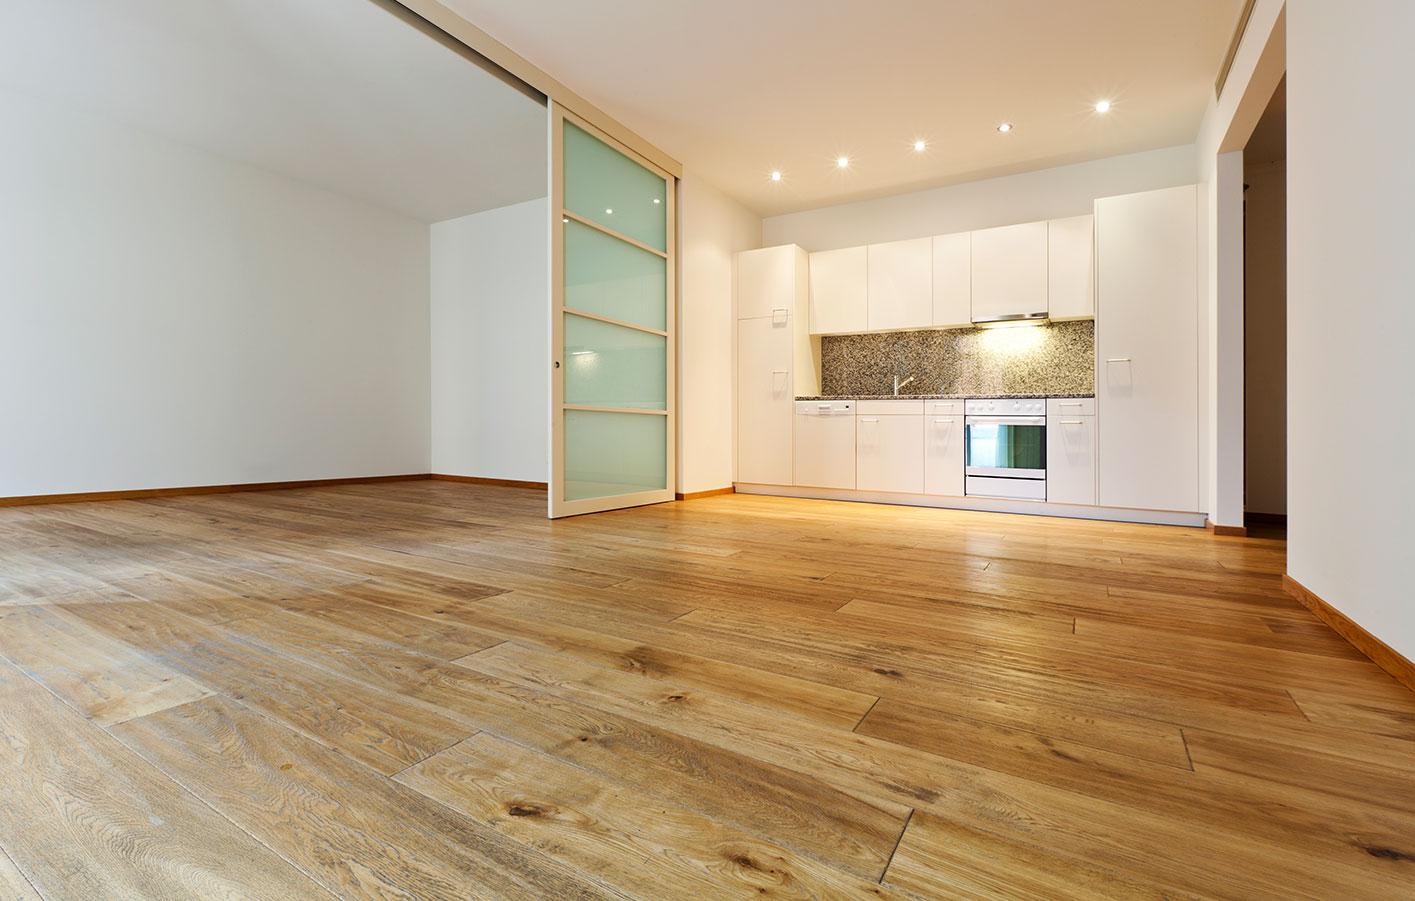 Fußboden Vinyl Oder Parkett ~ Laminat parkett kork vinyl linoleum holzboden münchen waldkreiburg